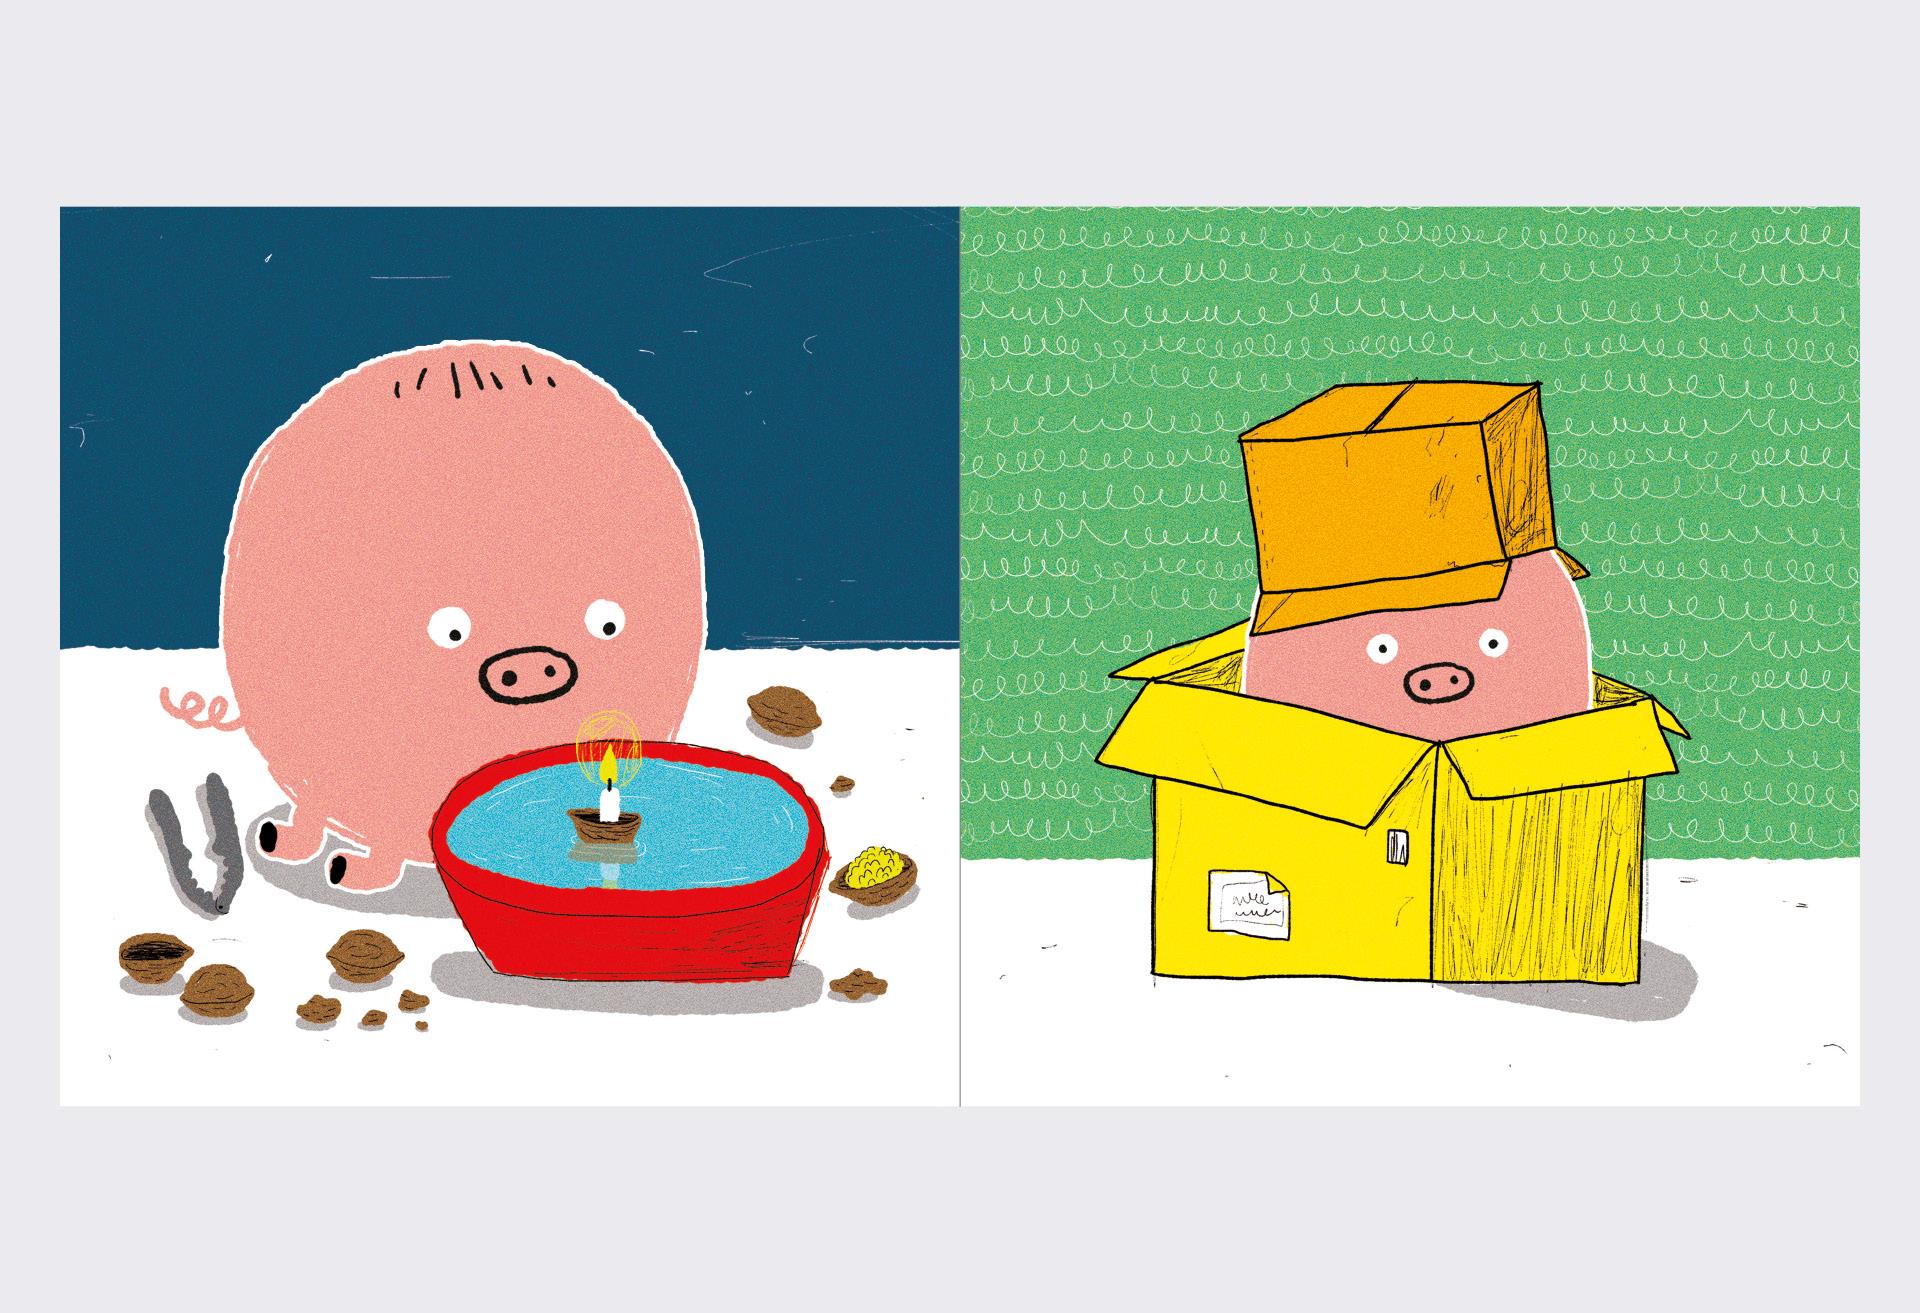 3_Our piggy again-pics